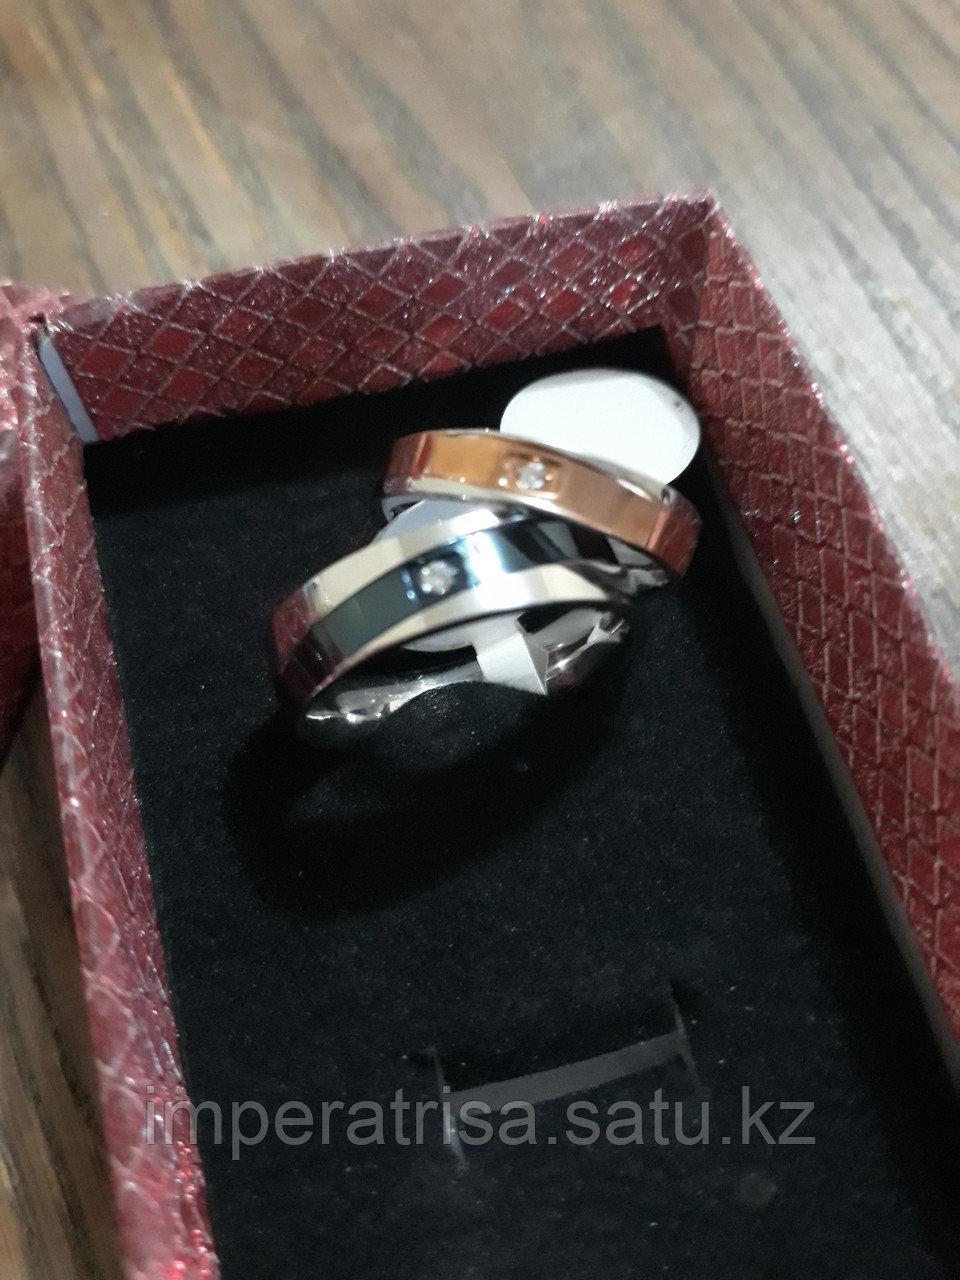 """Парные кольца для влюблённых """"Каждое мгновение вместе"""""""